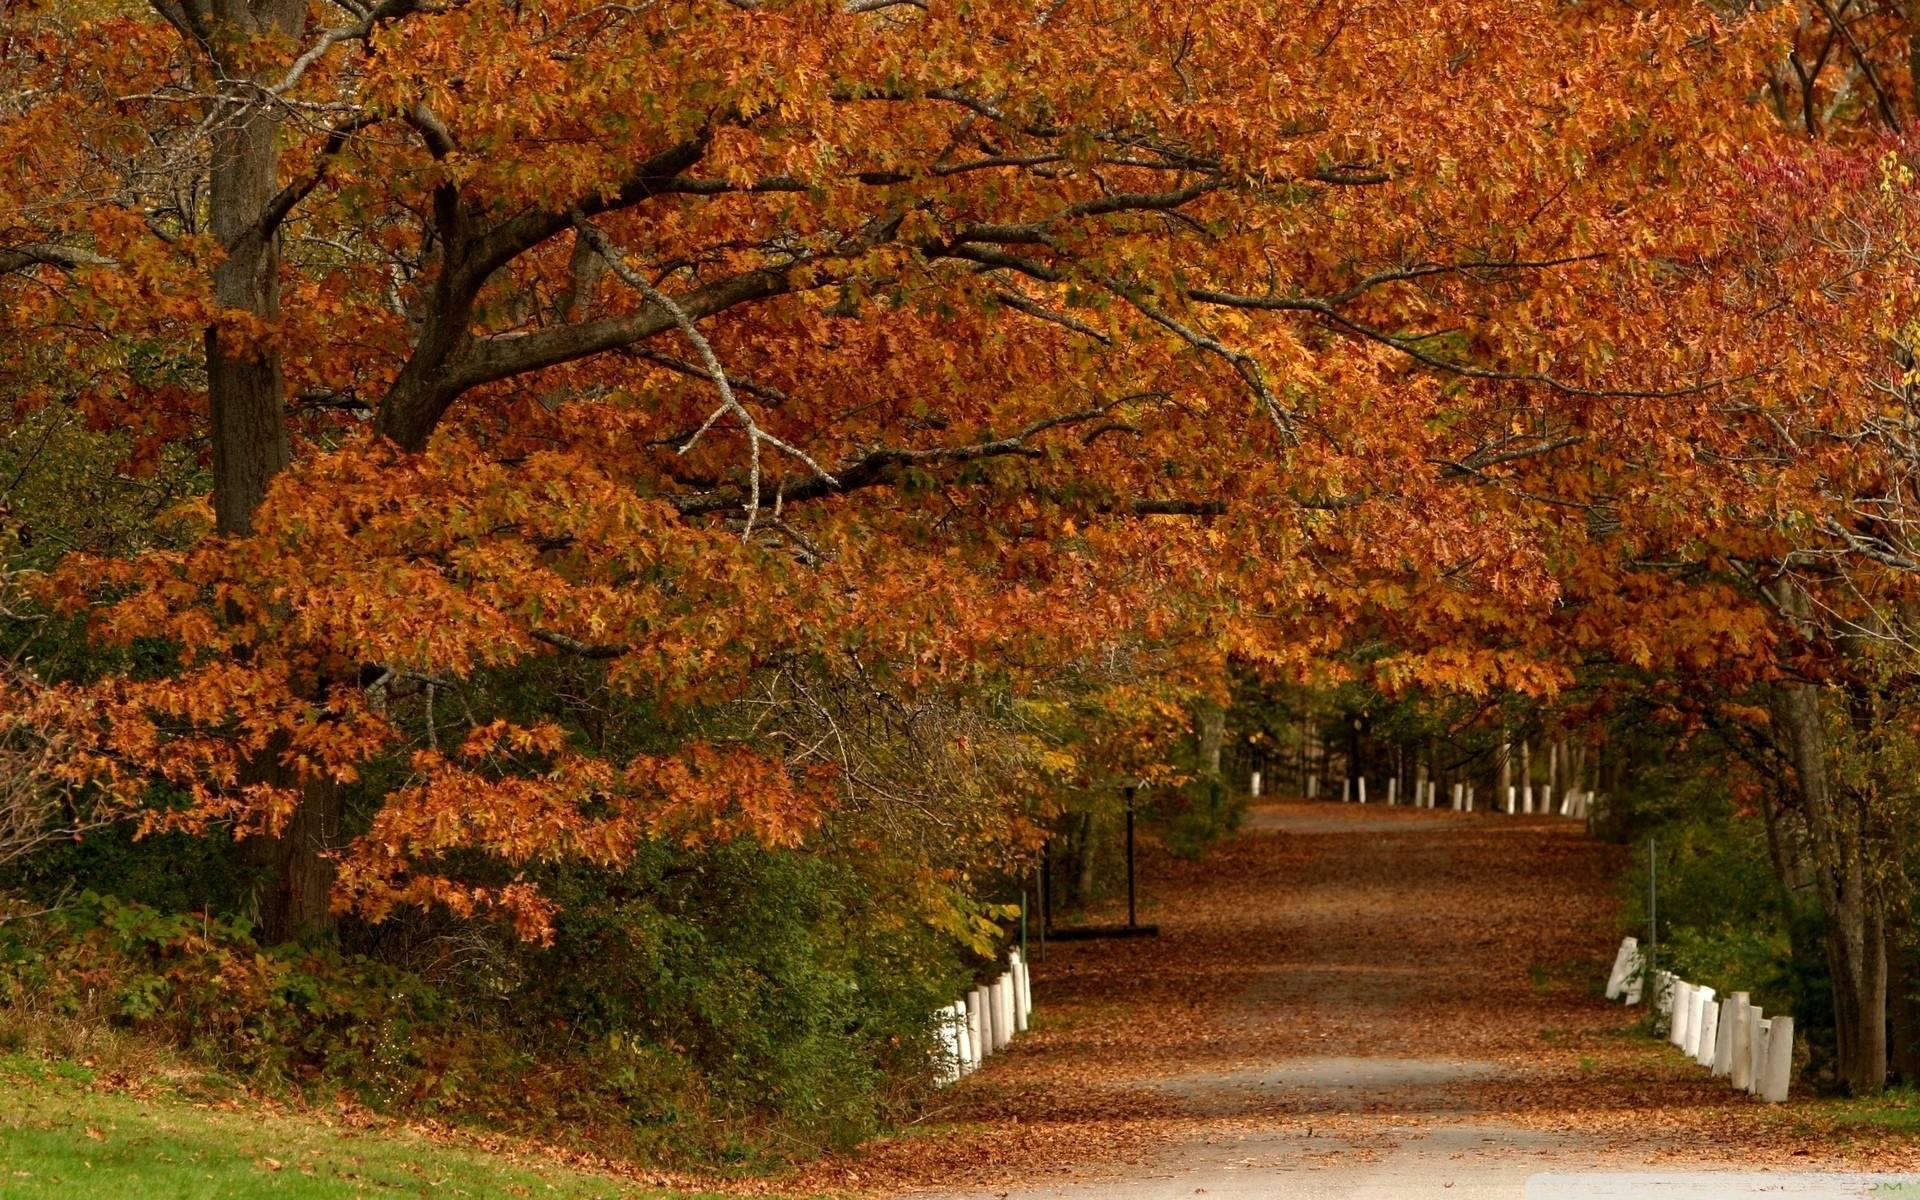 autumn wallpaper 007 free - photo #48